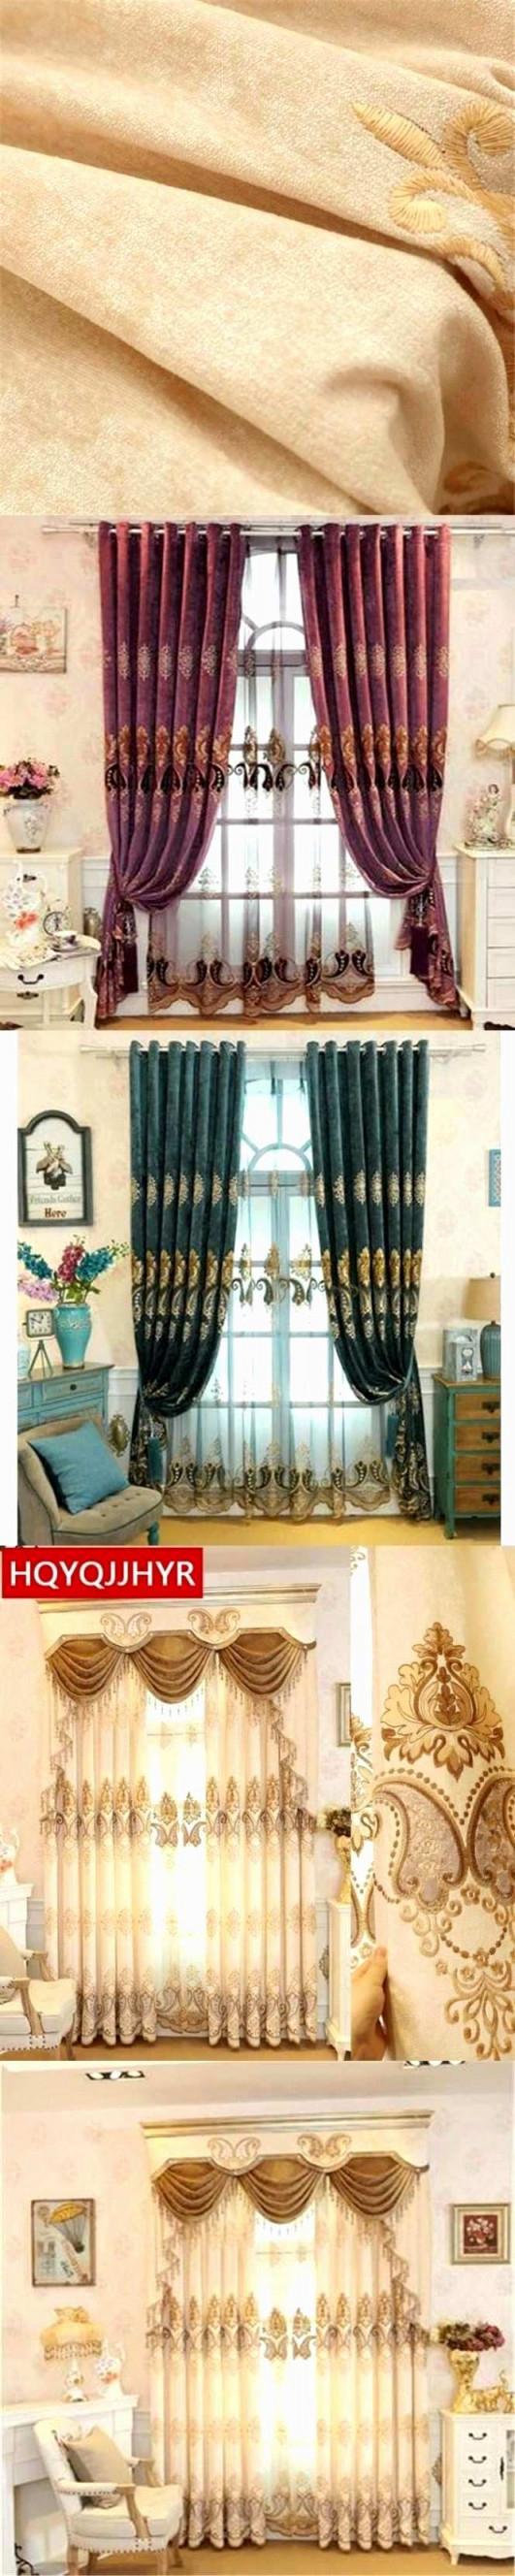 Gardinen Mit Schlaufen Luxus Querbehang Wohnzimmer  Tolles von Gardinen Querbehang Wohnzimmer Bild